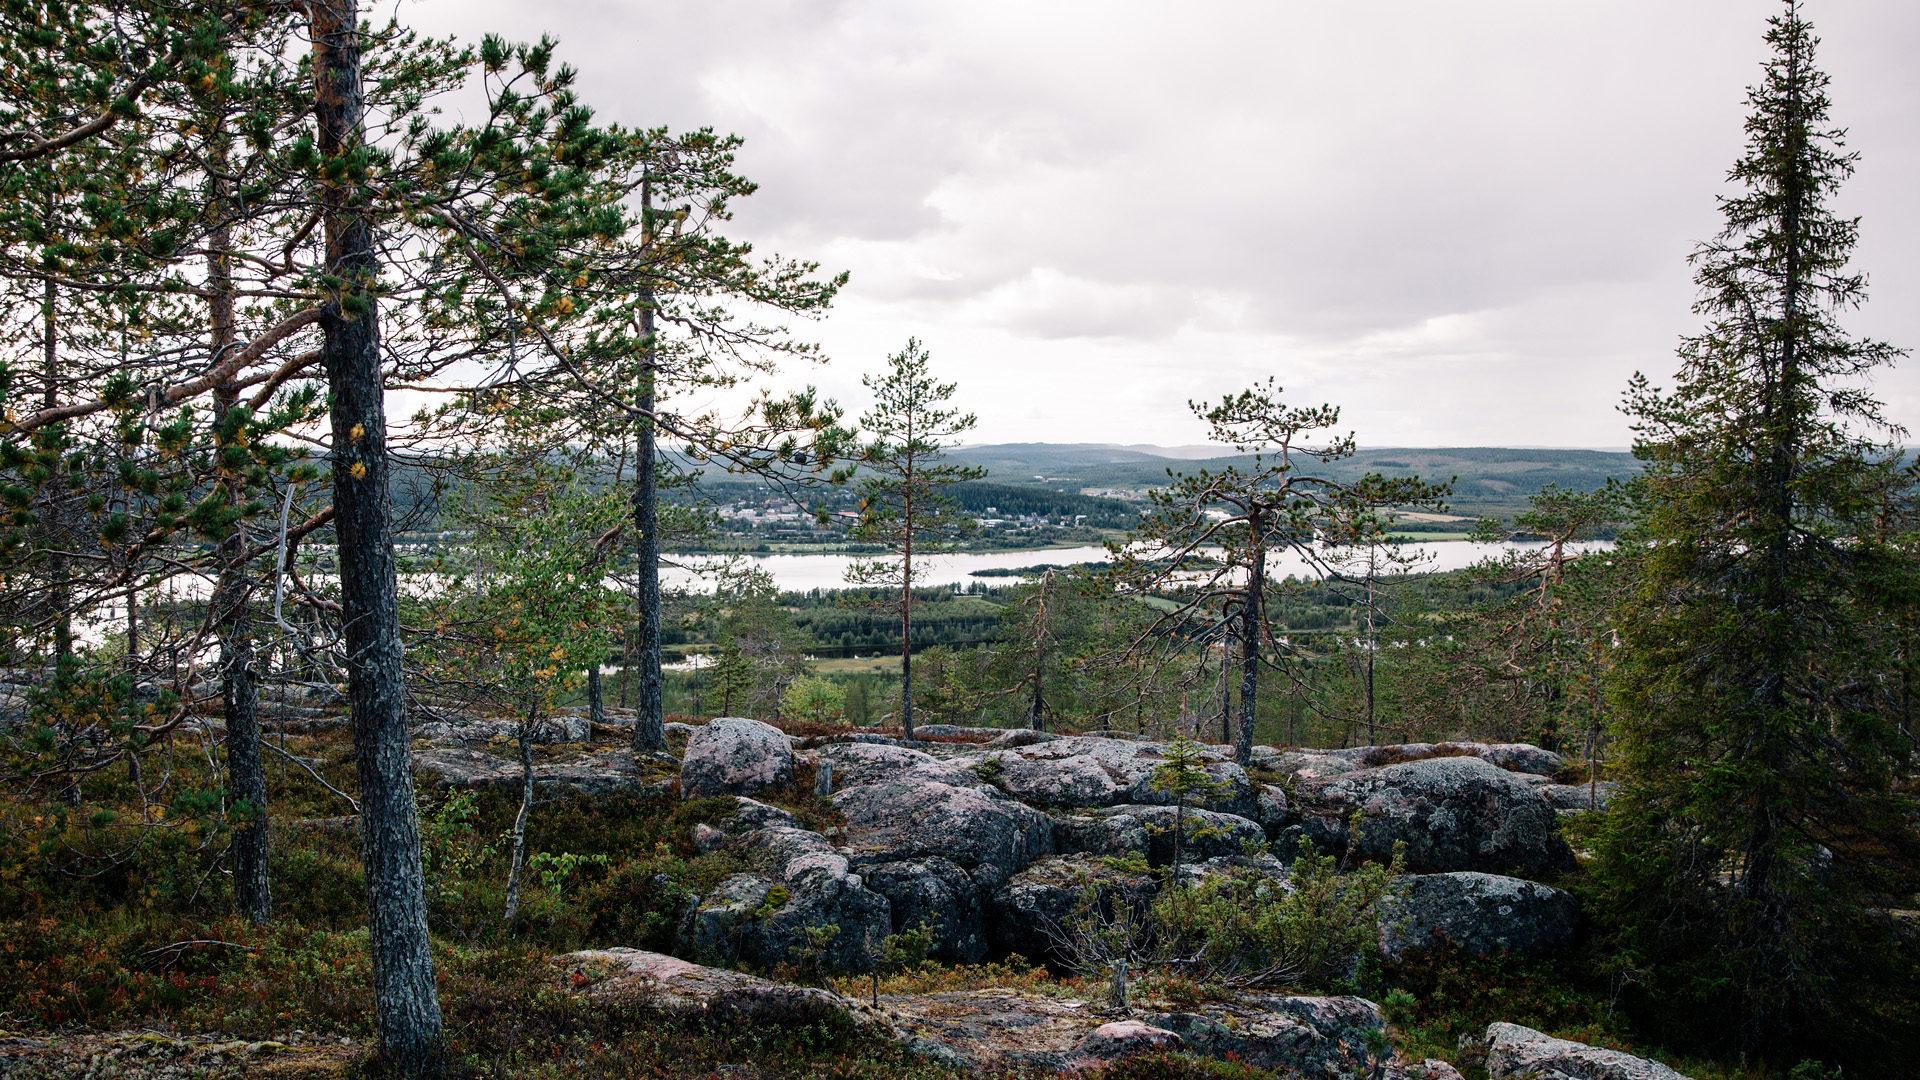 Aavasaksa Lapland - Ylitornio